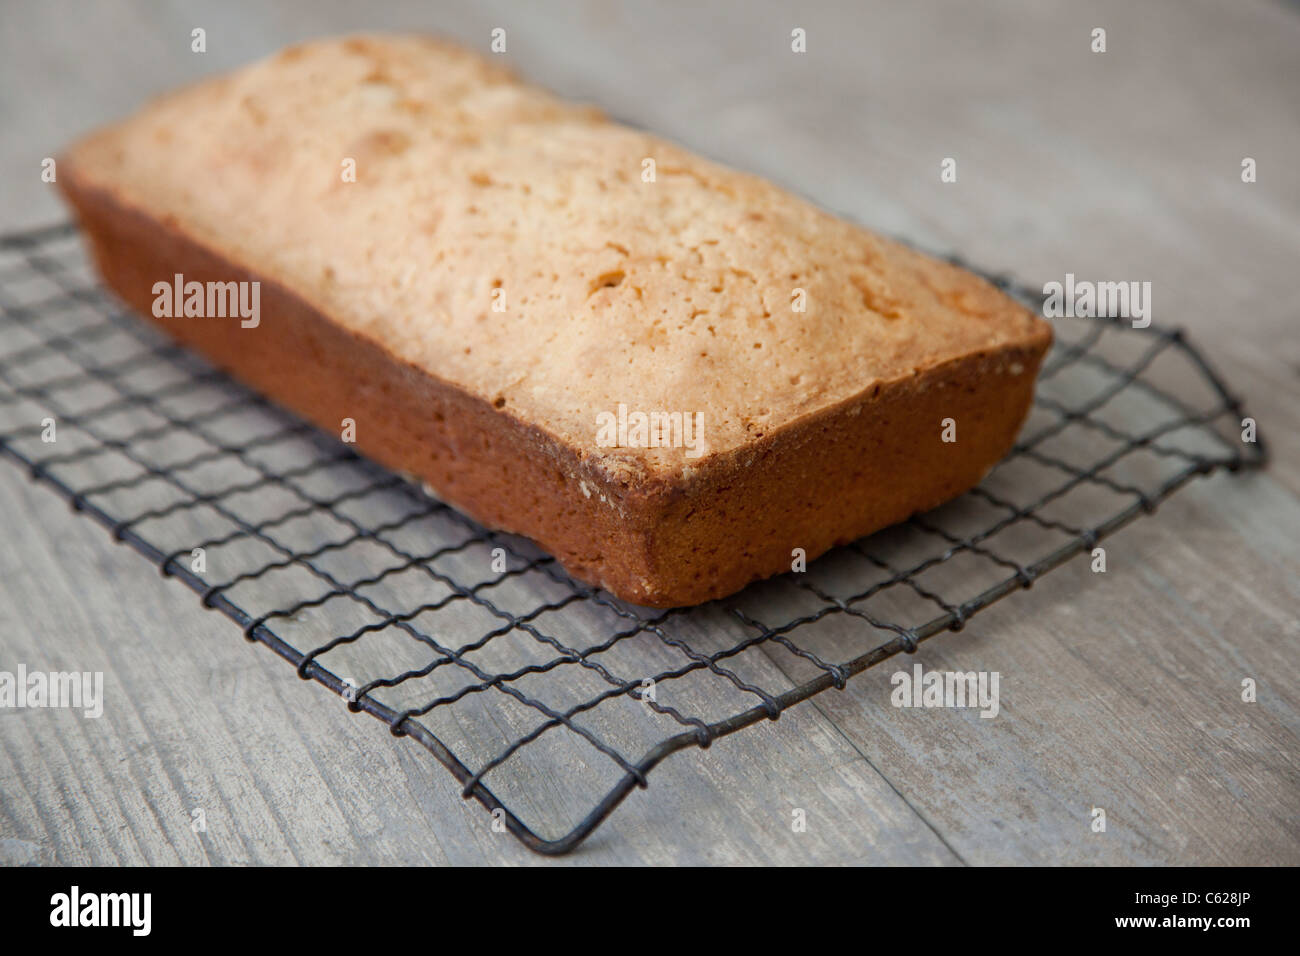 freshly baked pound cake on cooling rack - Stock Image